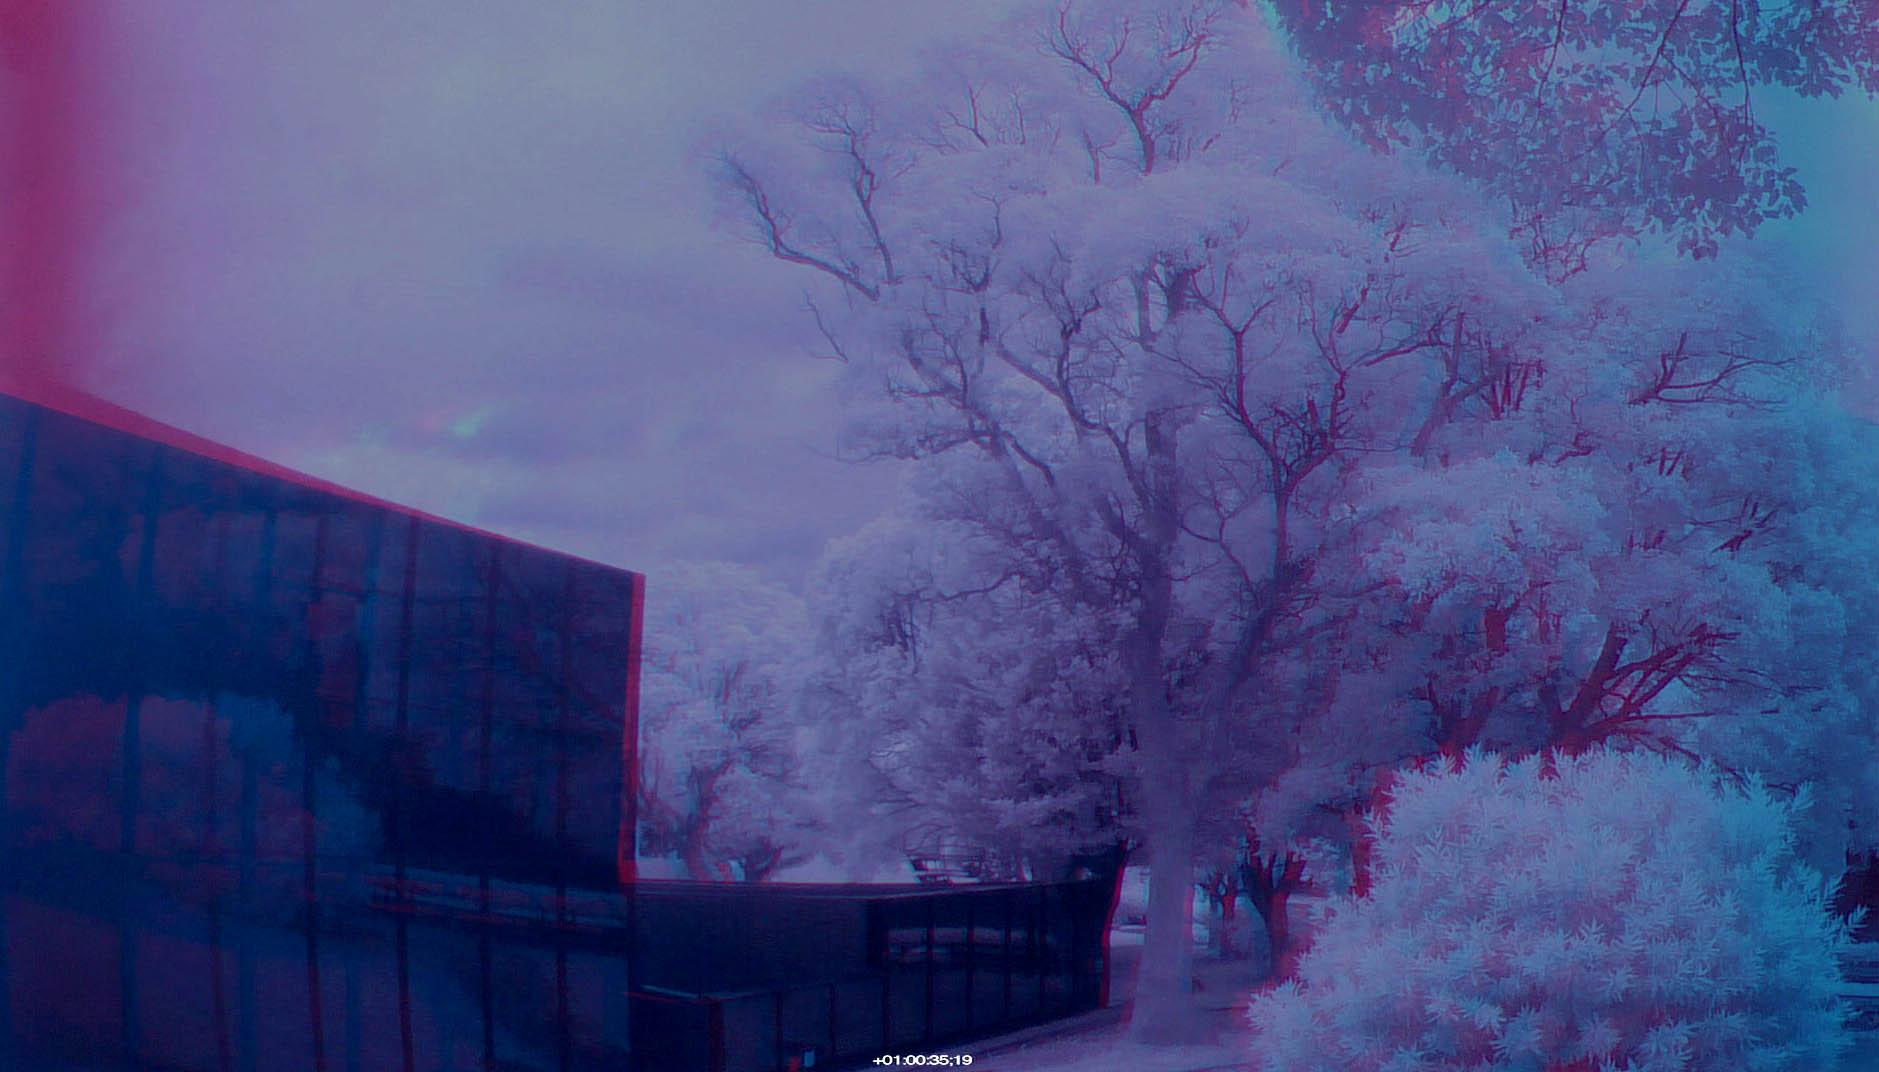 140924screen尾倉公園IRをアナグリフ化-1